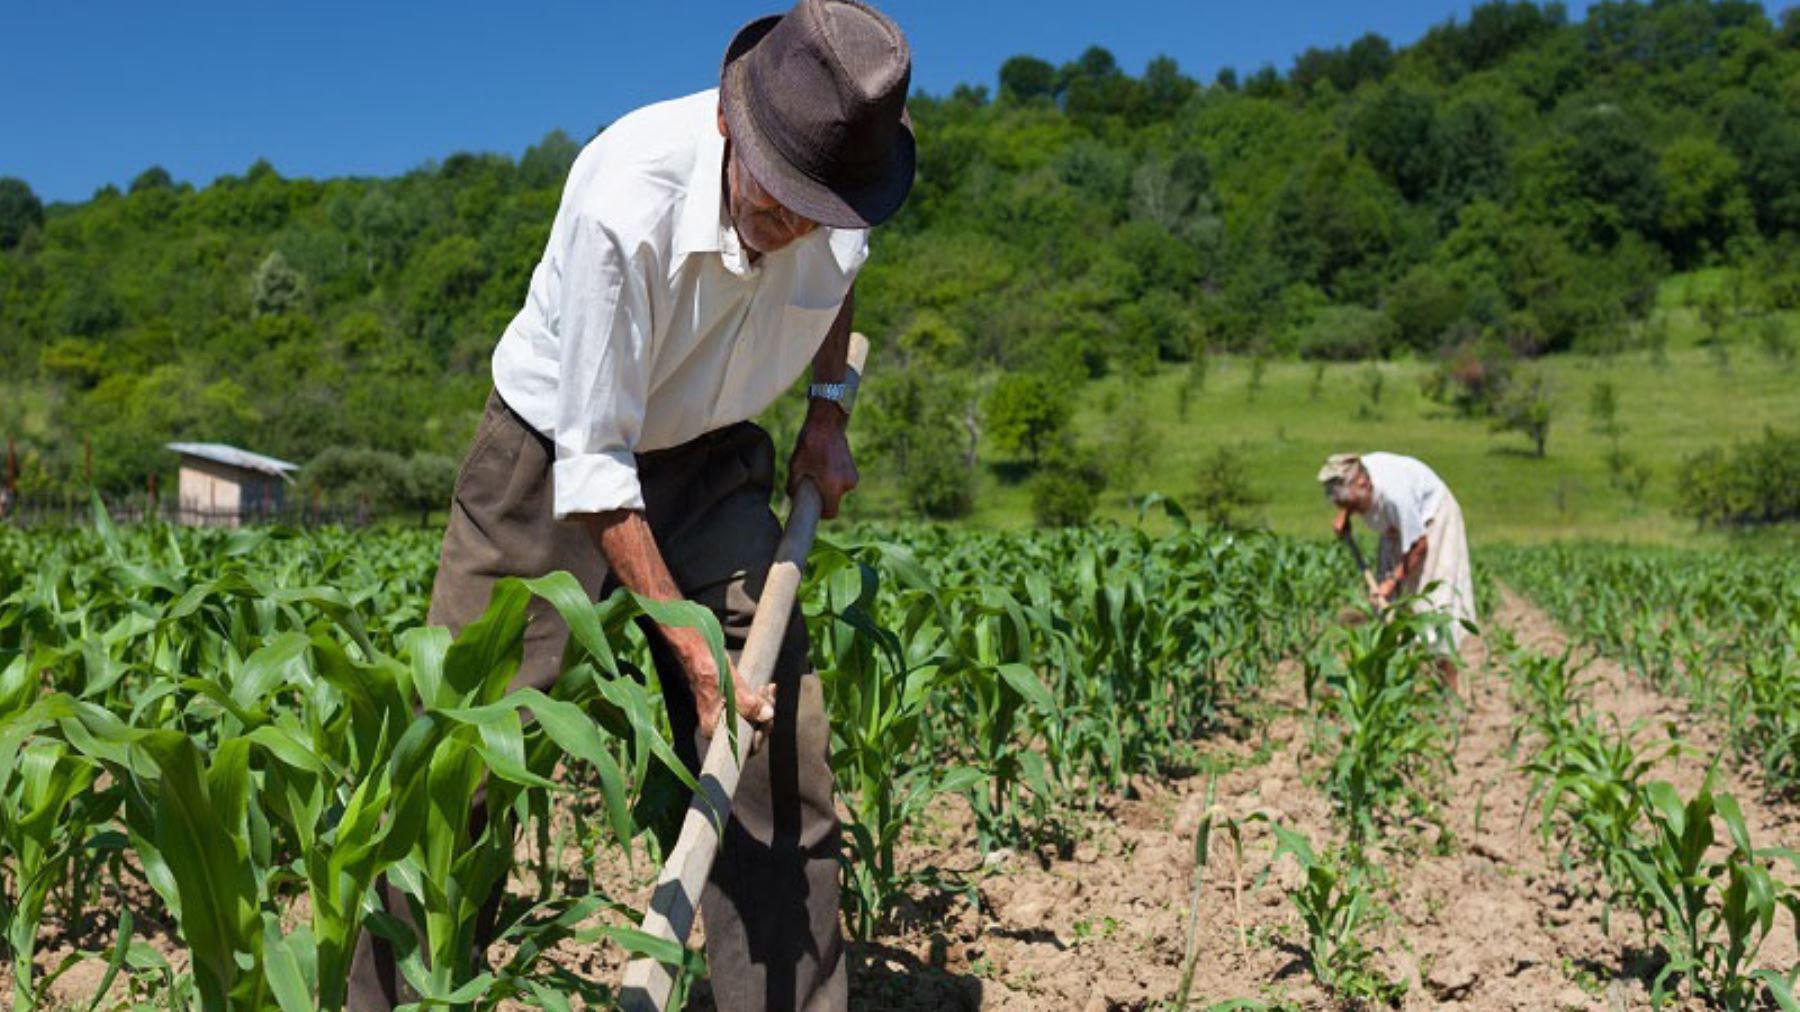 Nueva Ley de Promoción Agraria: una oportunidad para fortalecer el sector